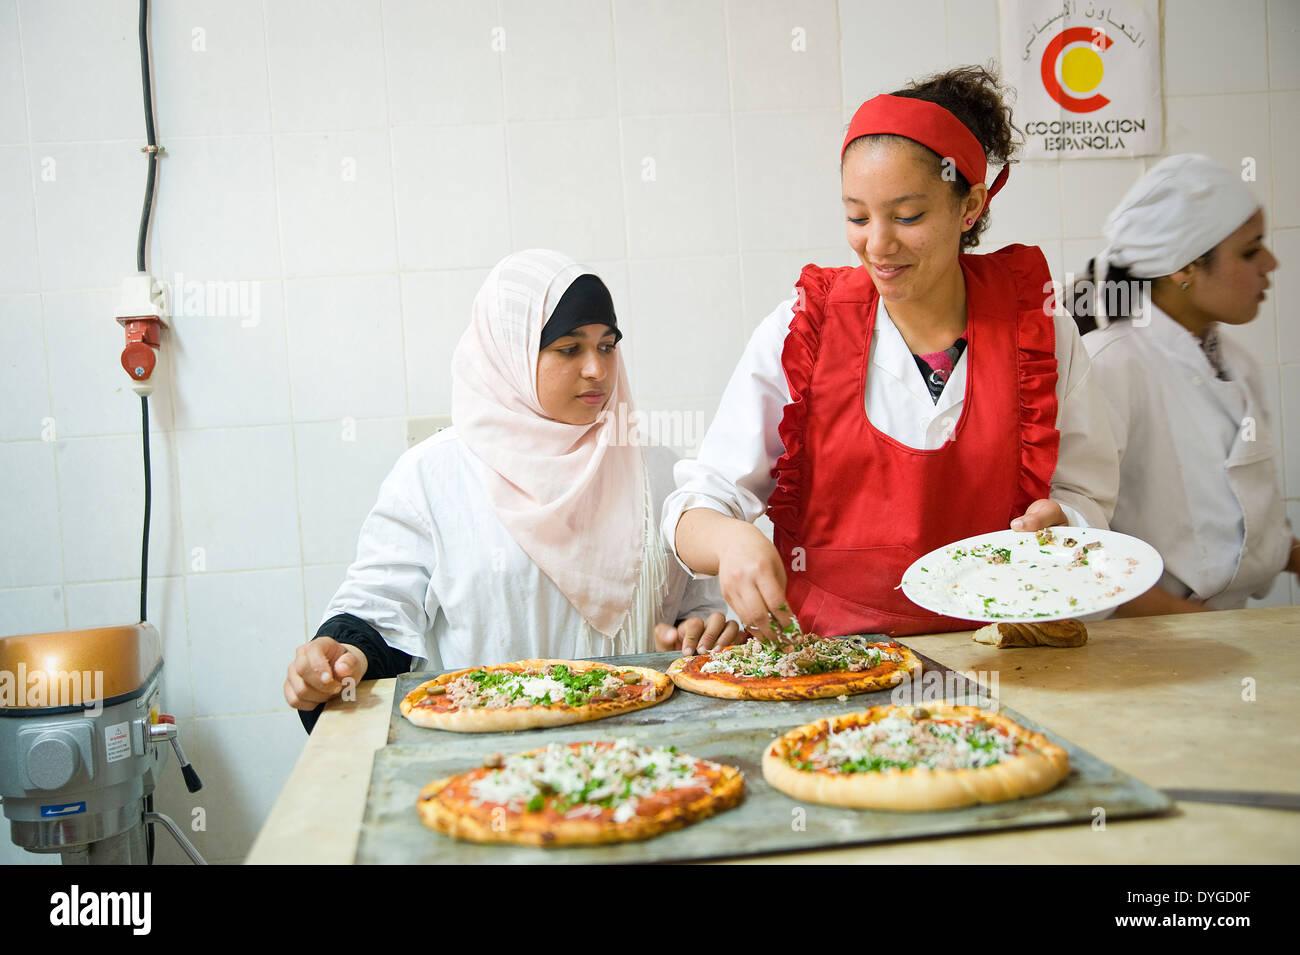 Tunesien Tunis Frauen Erhalten Eine 8 Monate Ausbildung In Kochen